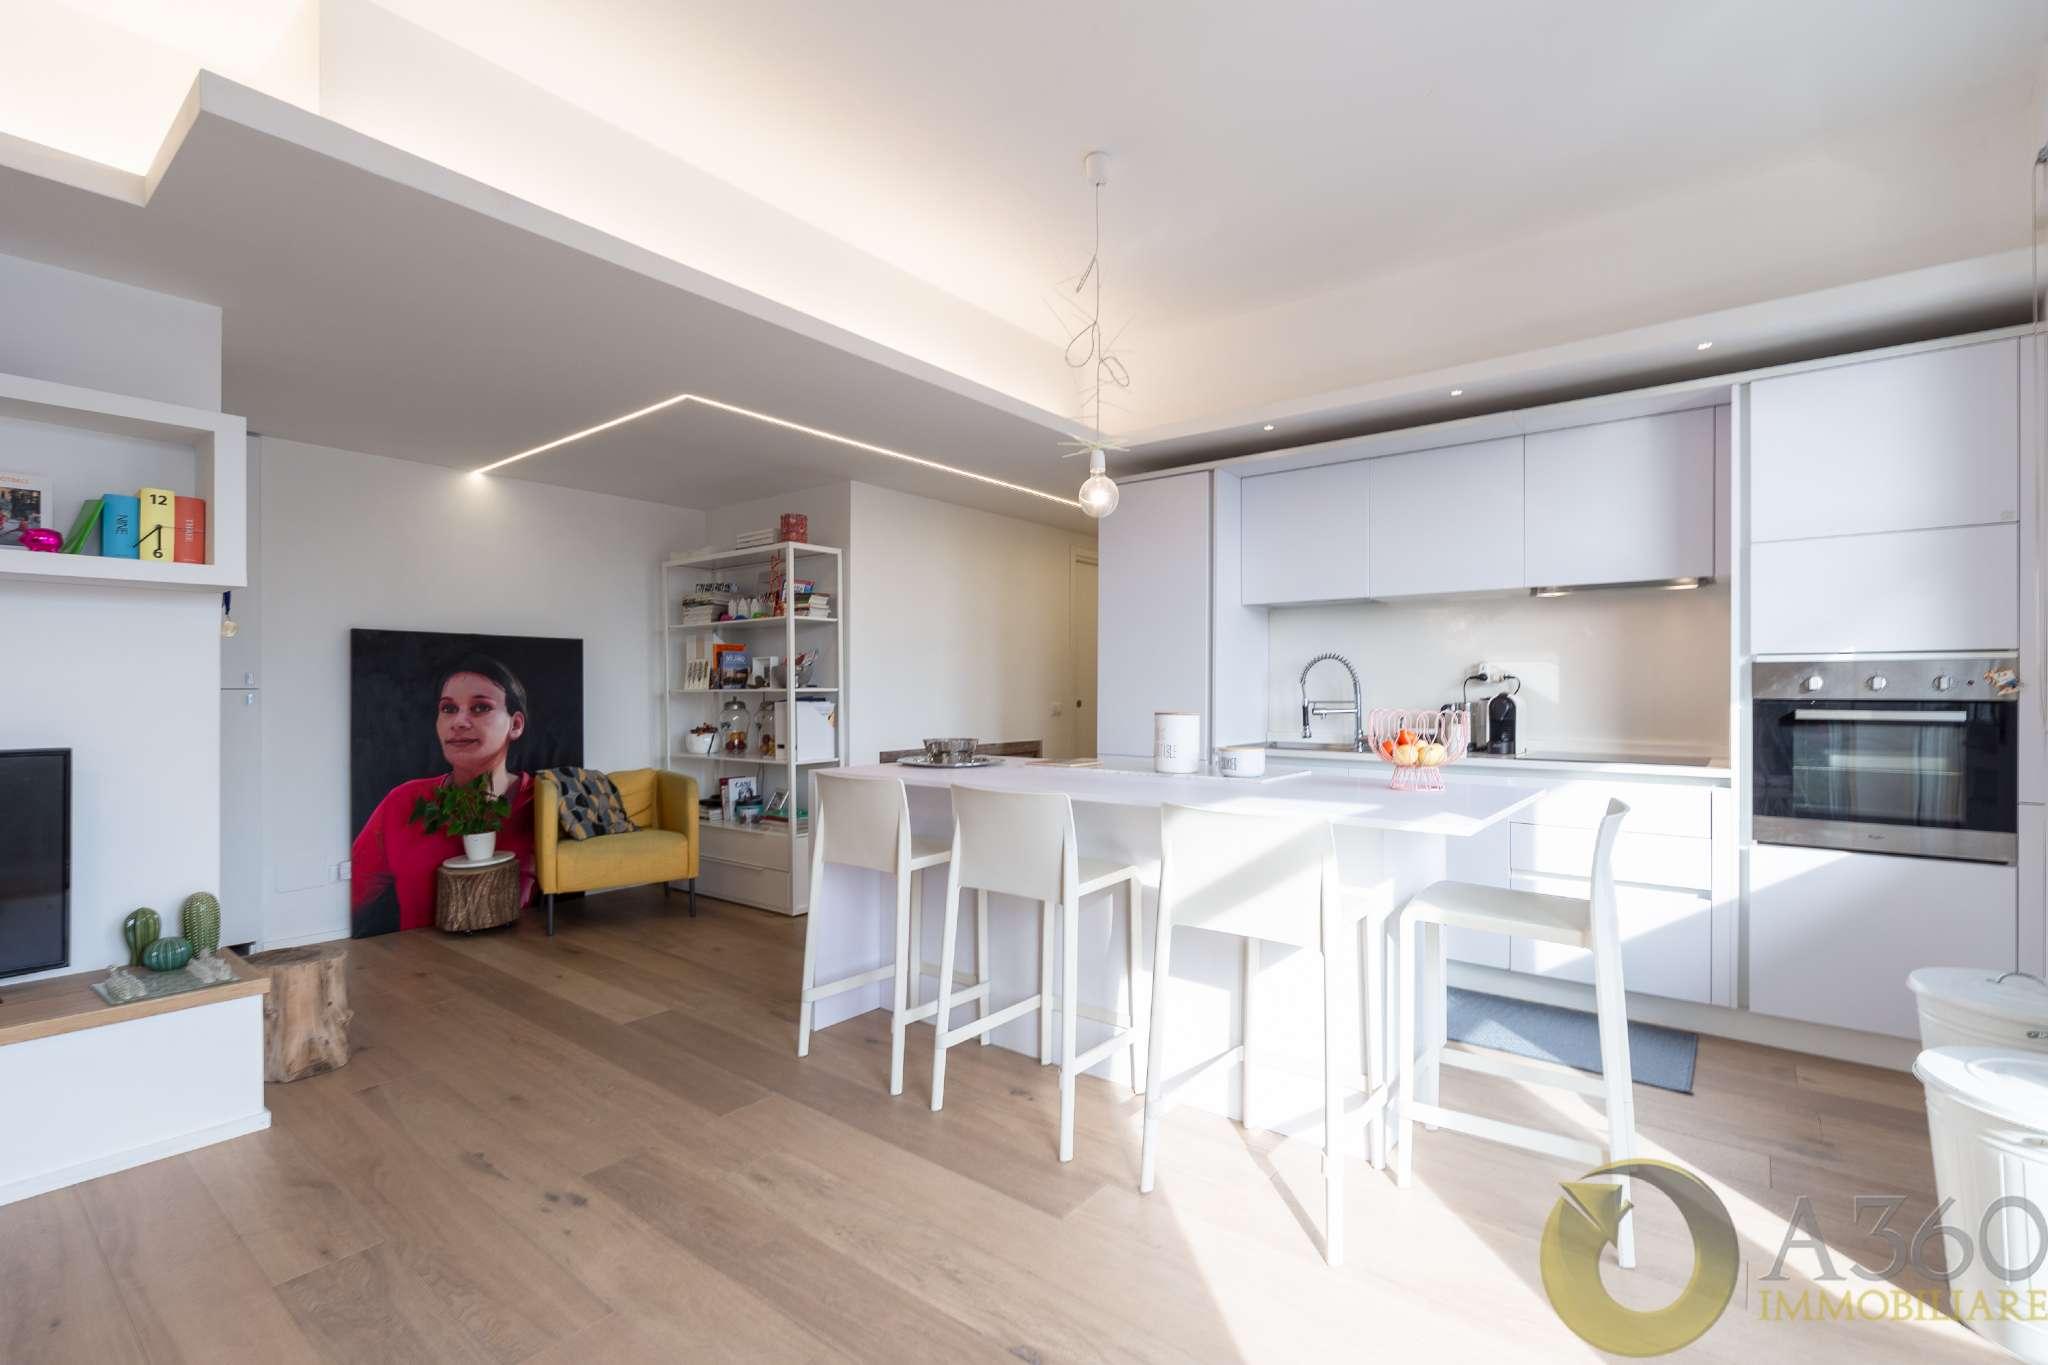 Appartamento in Vendita a Milano 17 Marghera / Wagner / Fiera: 4 locali, 120 mq